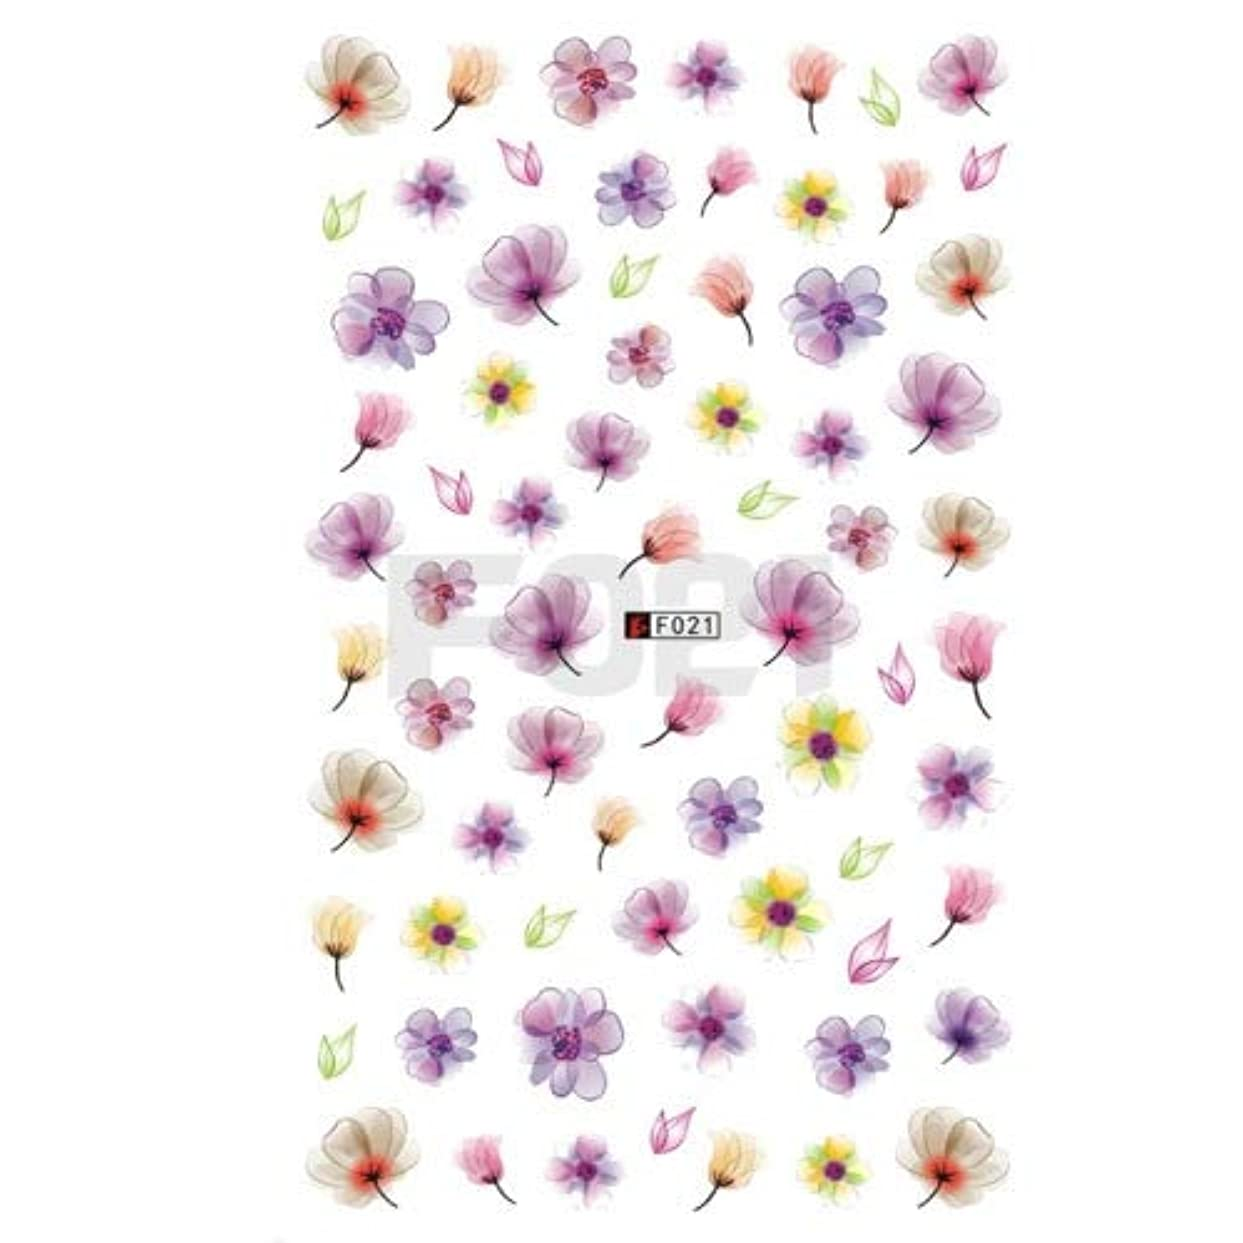 報復するジョリー全国手足ビューティーケア 3個の3Dネイルステッカー咲く花3Dネイルアートステッカーデカール(F199) (色 : F021)